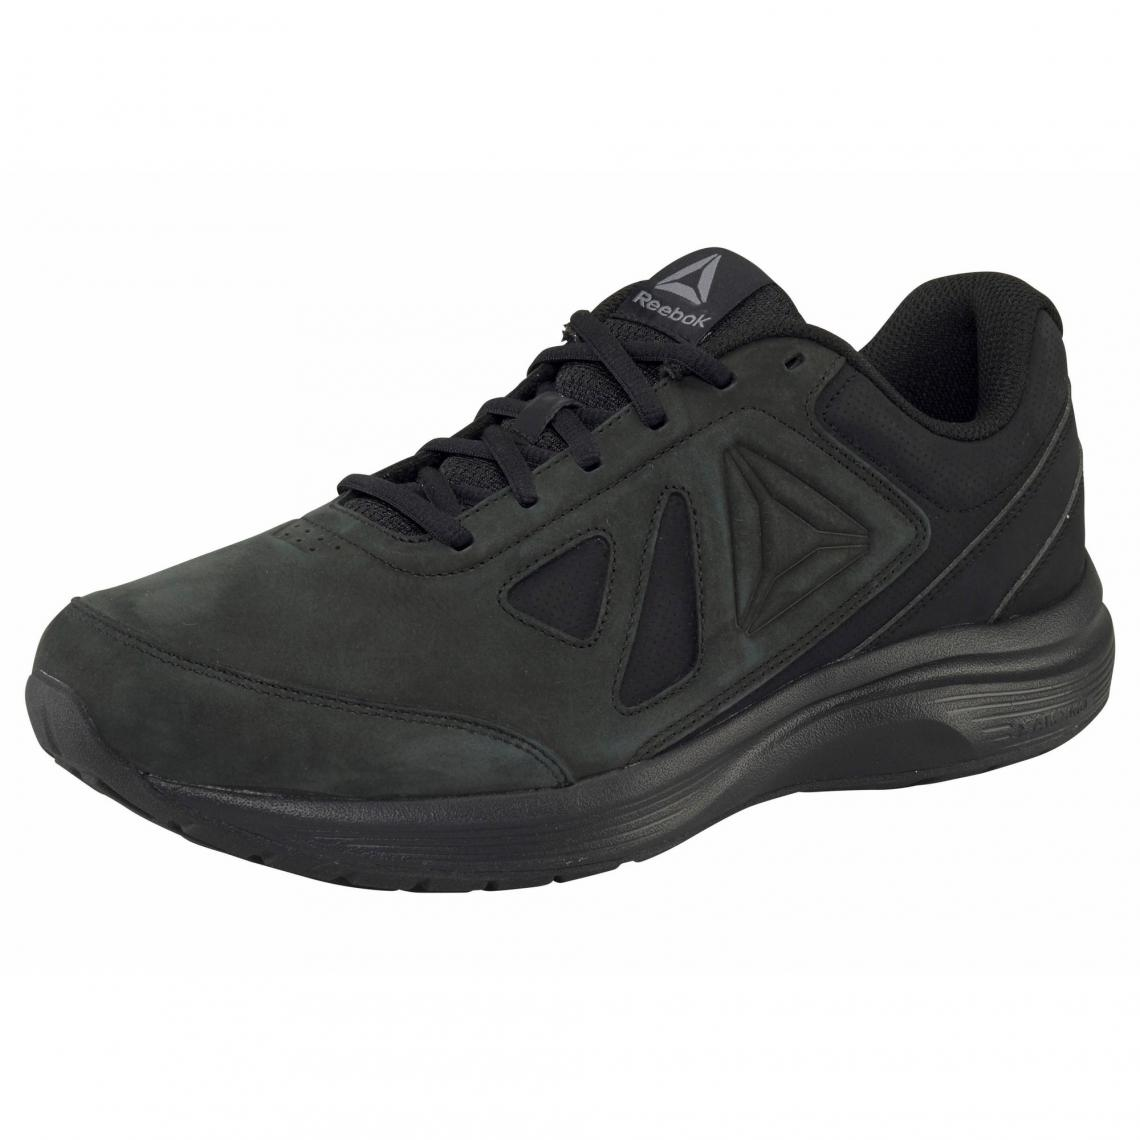 Ultra Chaussures Homme Marche 6 3suisses Noir Reebok Dmx Max De Walk rff0w5tq